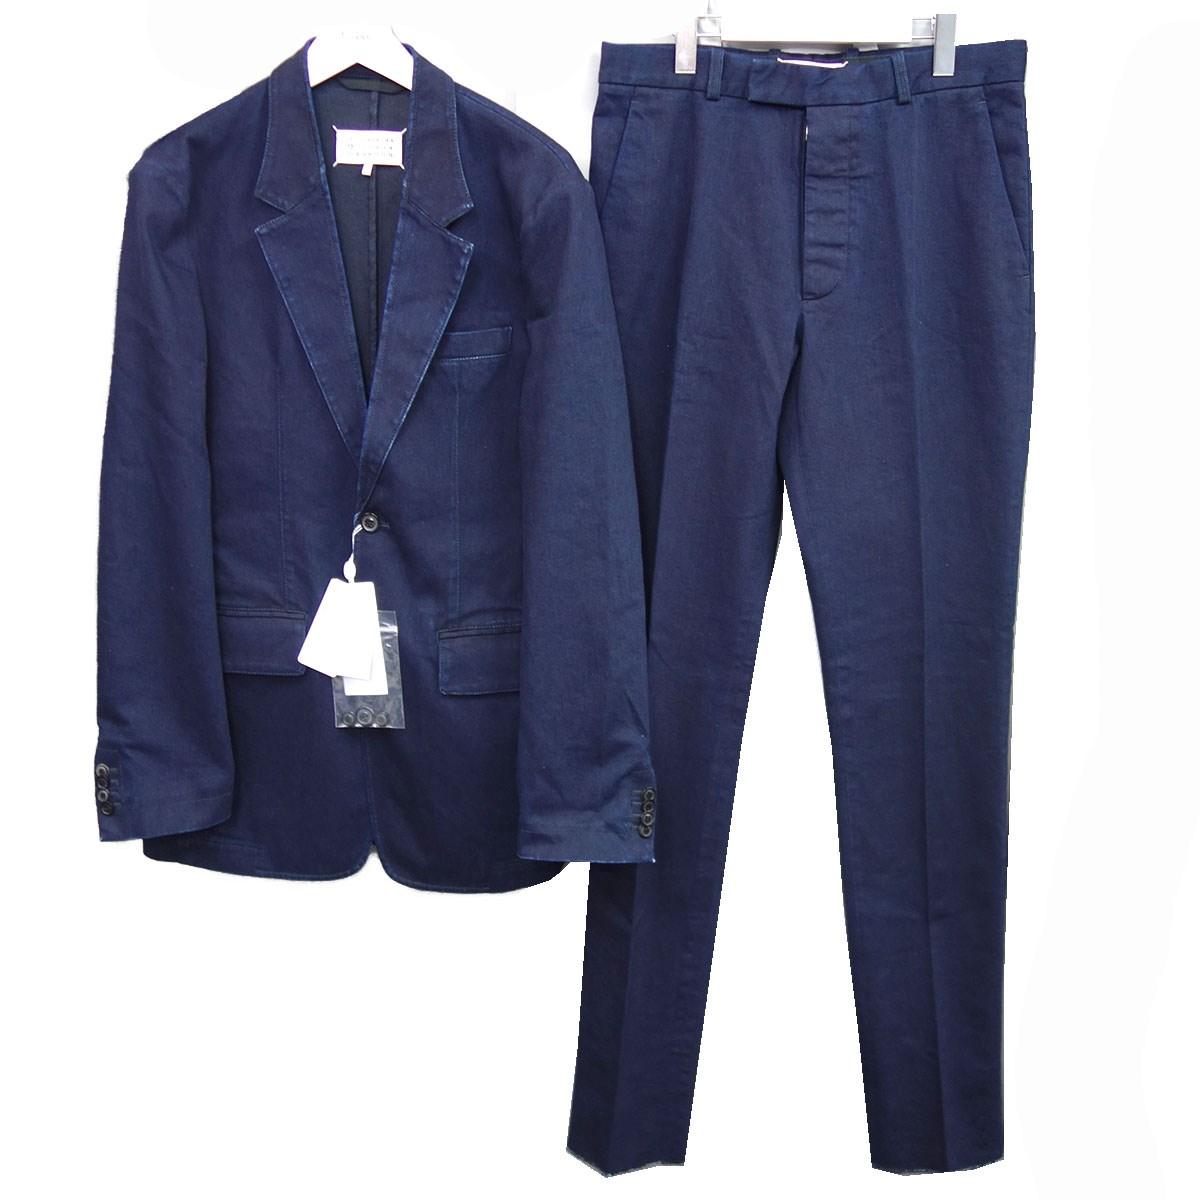 【中古】Maison Margiela 10 20SS「Stretch Denim Suits」デニムセットアップスーツ インディゴ サイズ:46/46 【140920】(メゾンマルジェラ)